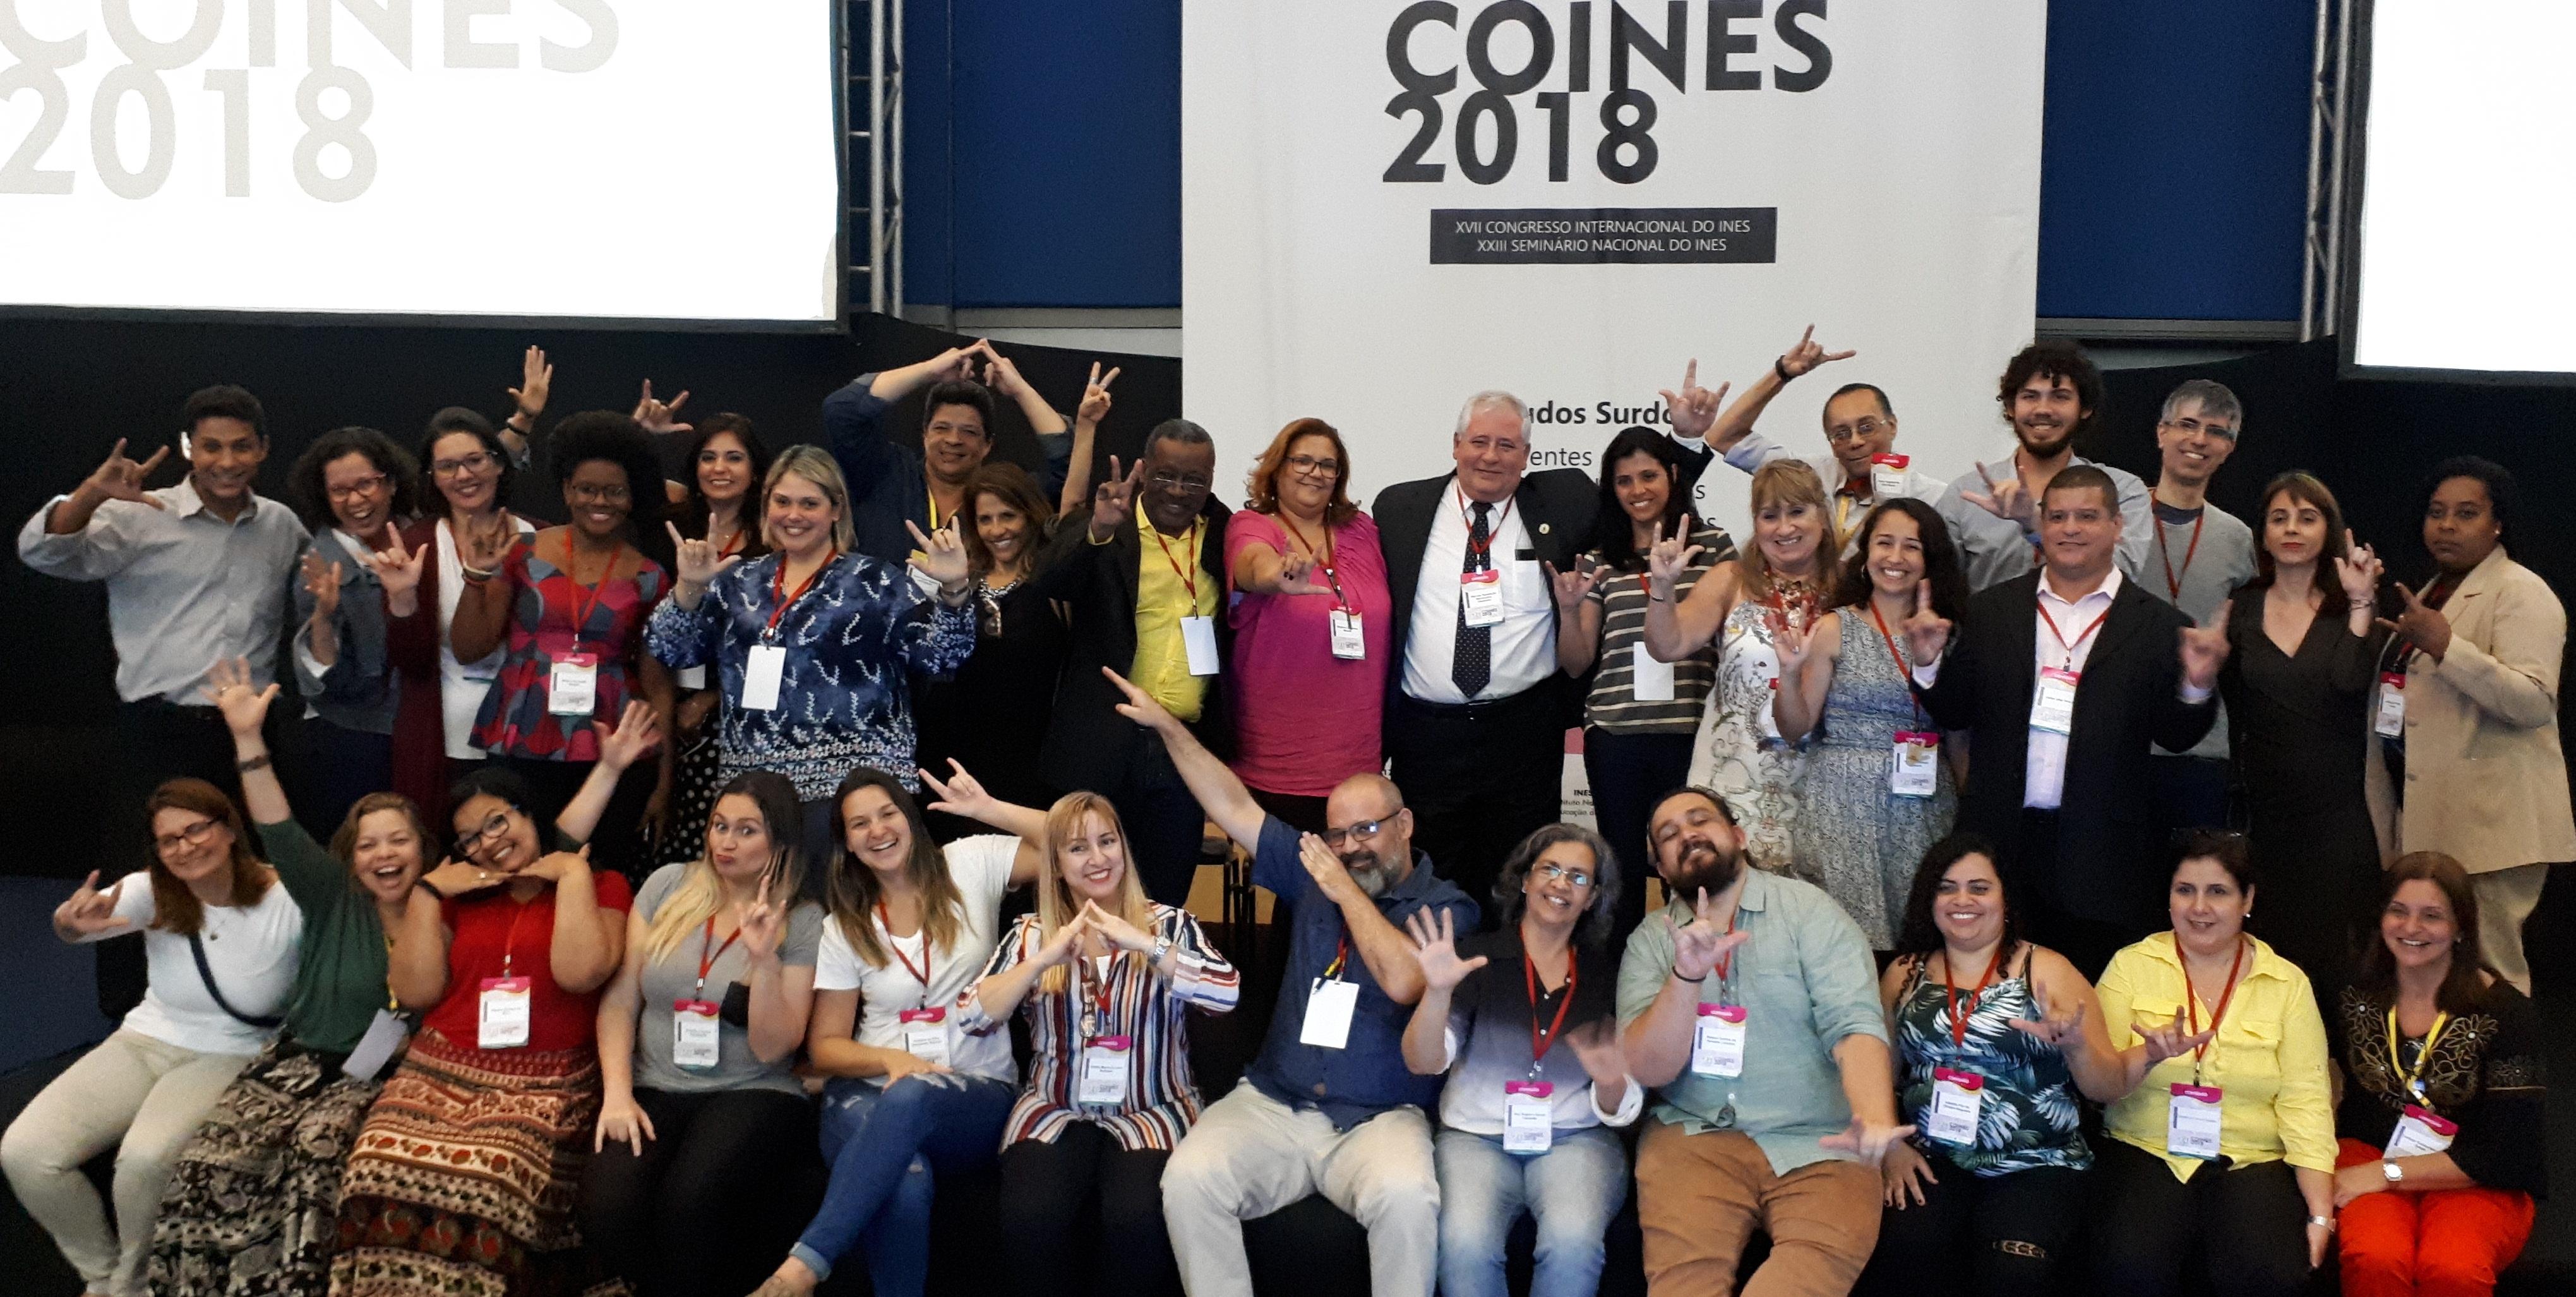 COINES 2018: XVII Congresso Internacional e XXIII Seminário Nacional do INES reúne quase duas mil pessoas